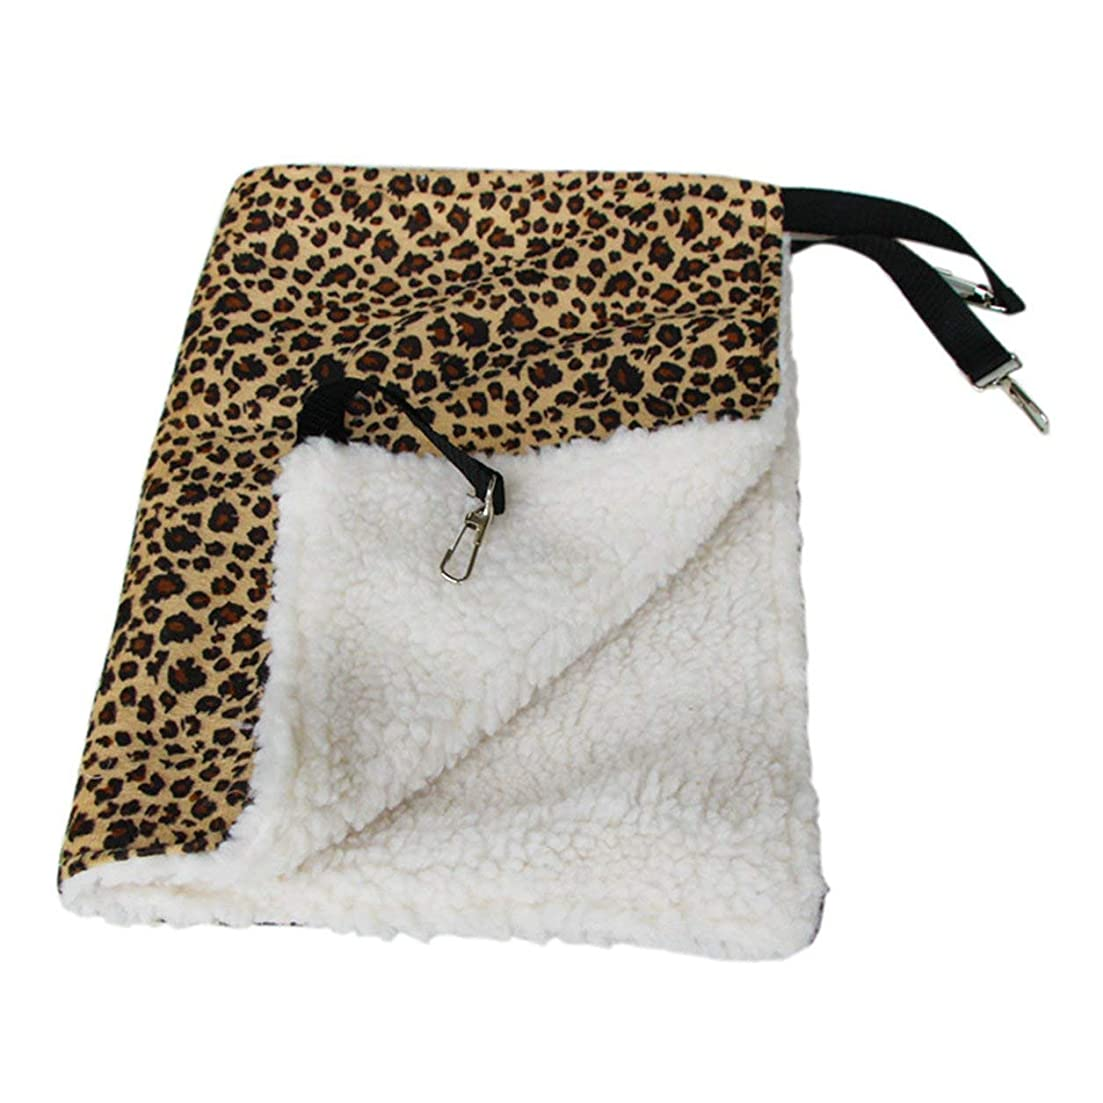 第二雇ったマネージャーSaikogoods 暖かいハンギング猫ベッドマットソフトキャットハンモック冬ハンモックペット子猫ケージベッドカバークッションエアベッドペット 黄 L